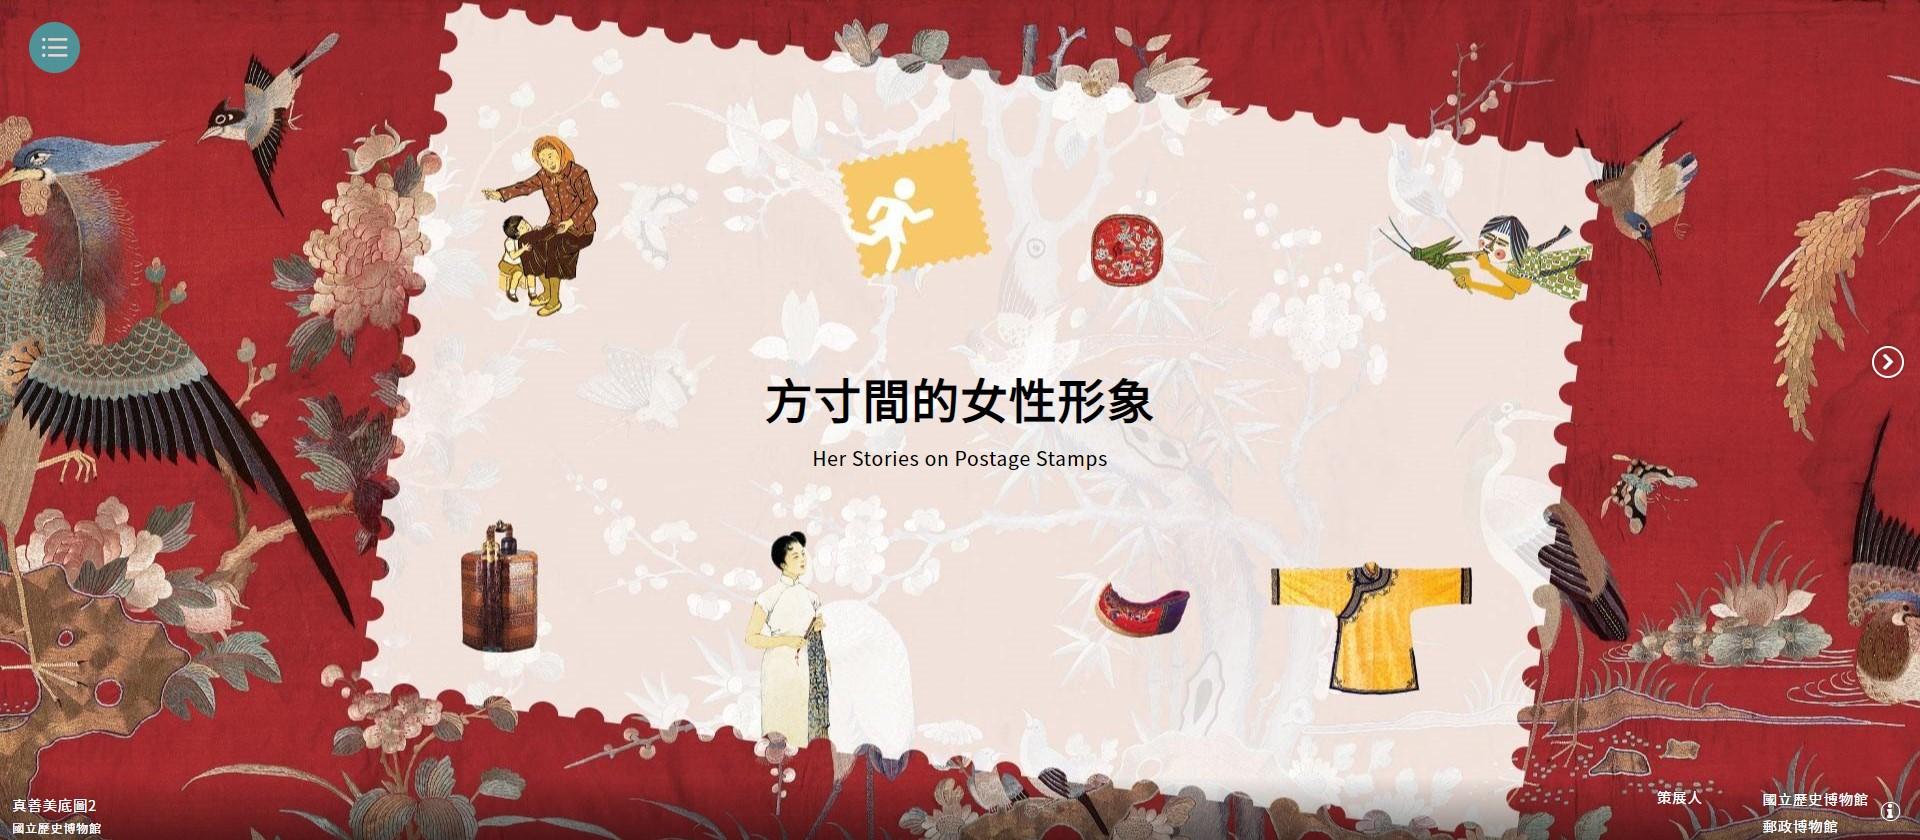 國立歷史博物館x郵政博物館:7月~9月【方寸間的女性形象線上特展新登場】